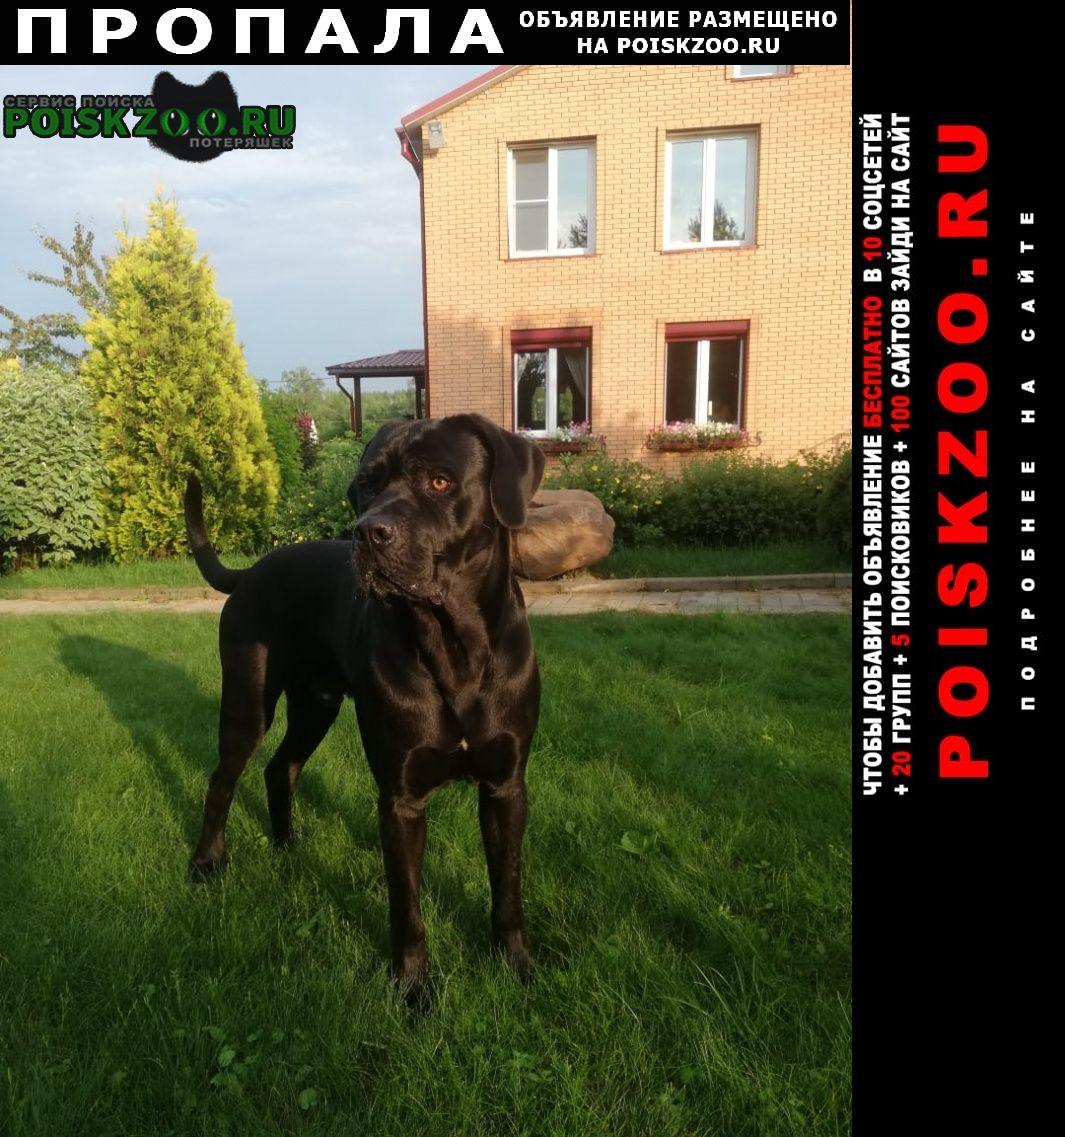 Пропала собака кане корсо Чехов